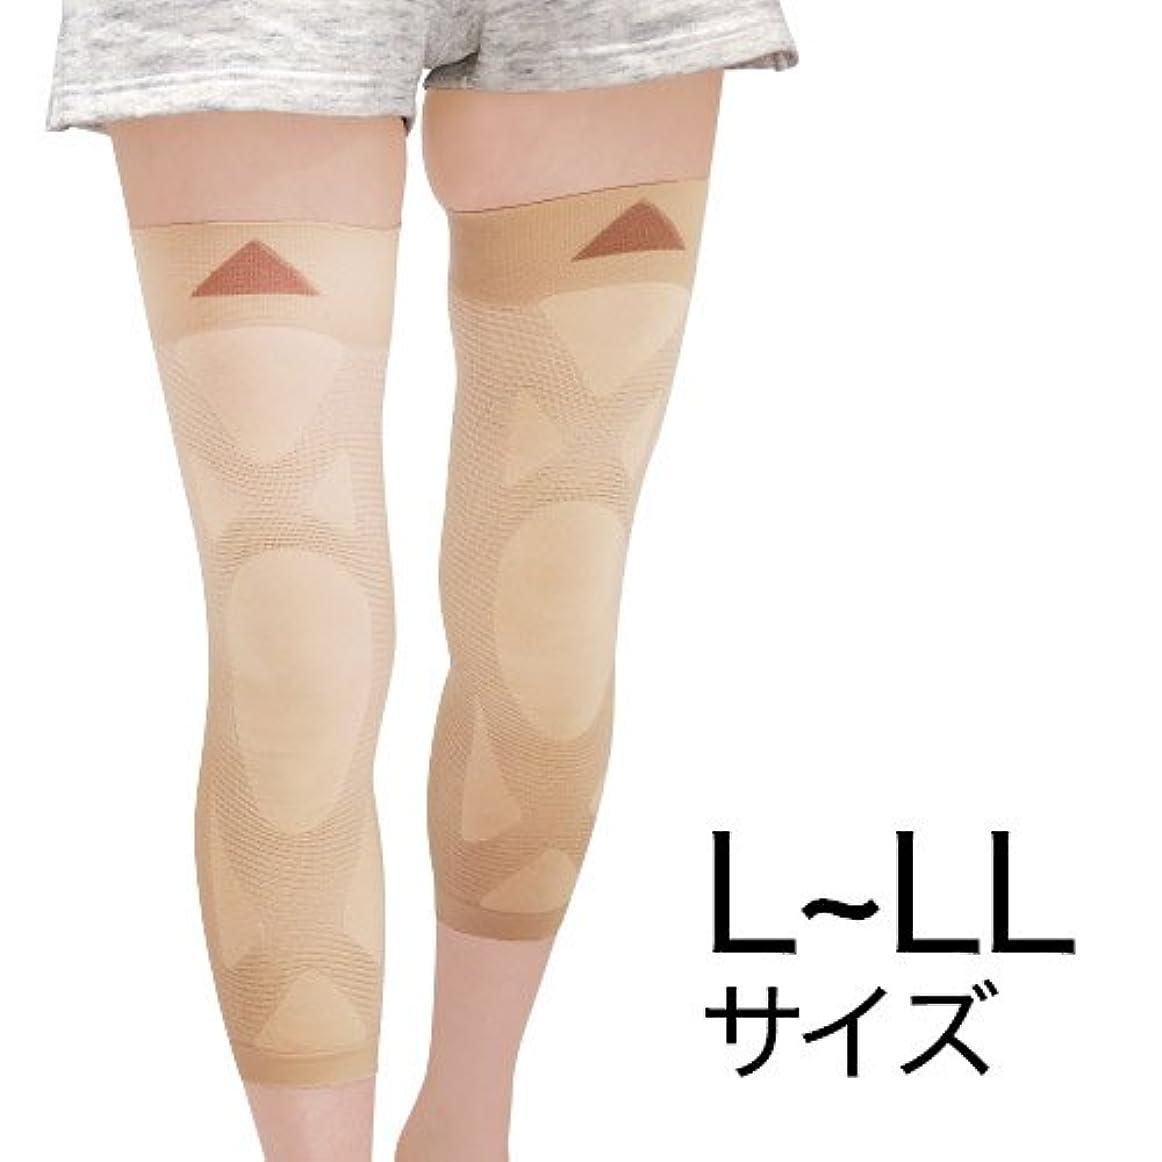 団結する商品テストナチュラルガーデン 膝楽サポーター L~LL(左右共通2枚組)